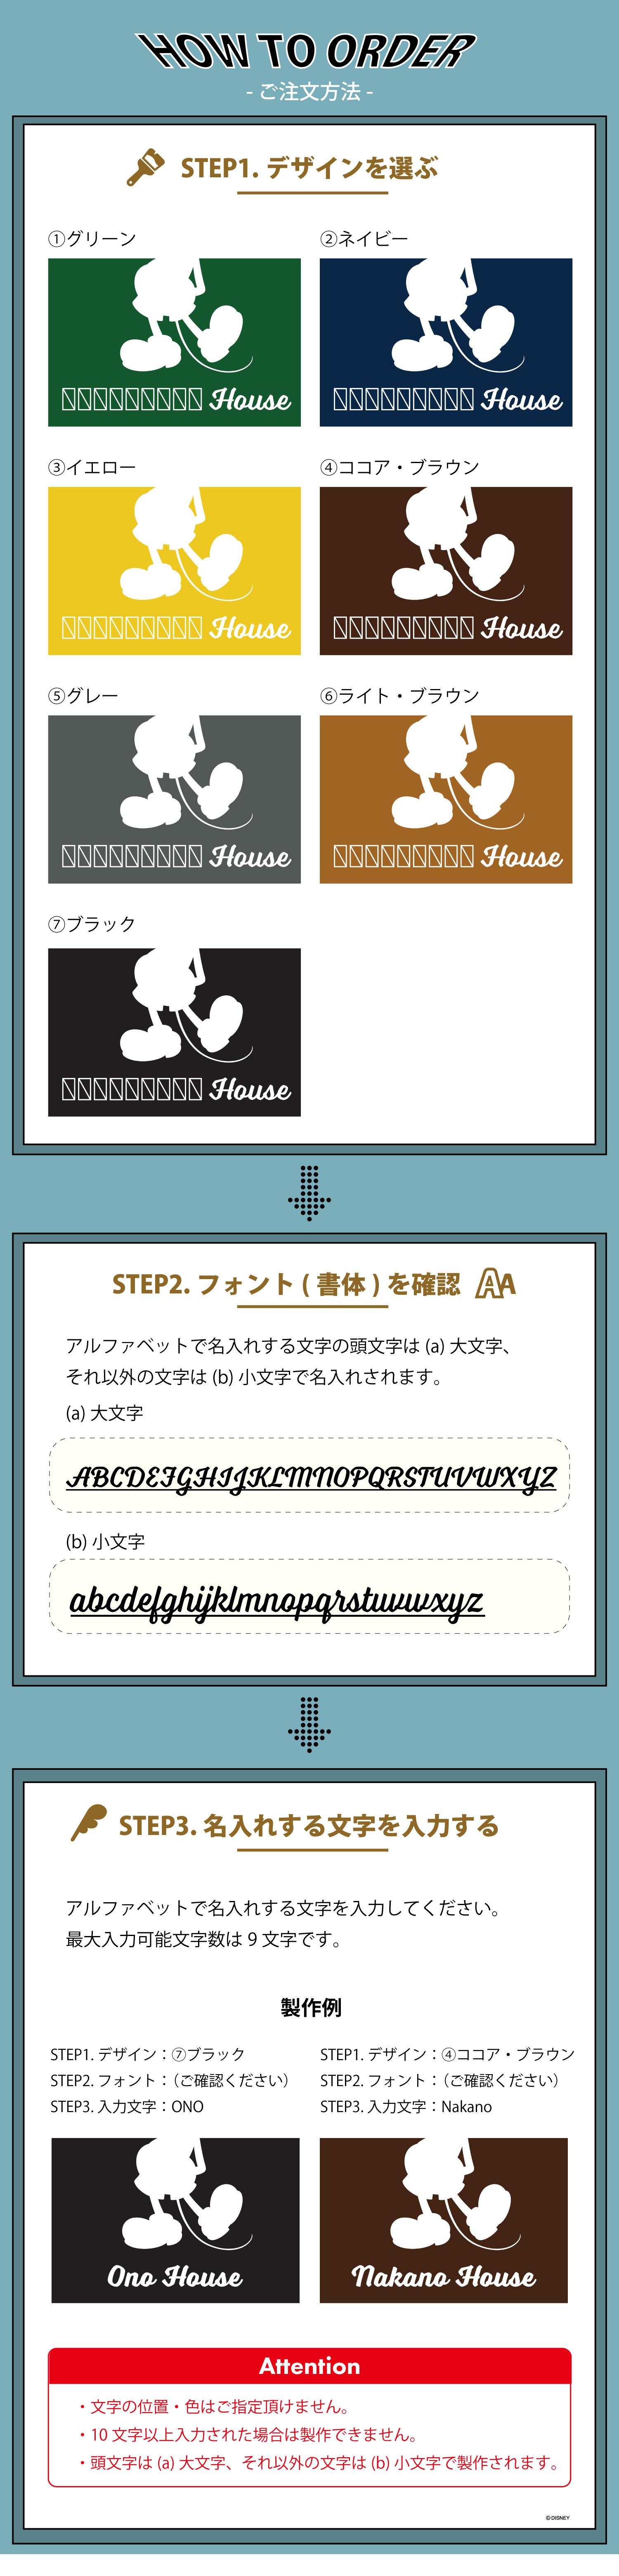 ディズニー名入れマット商品紹介ページ